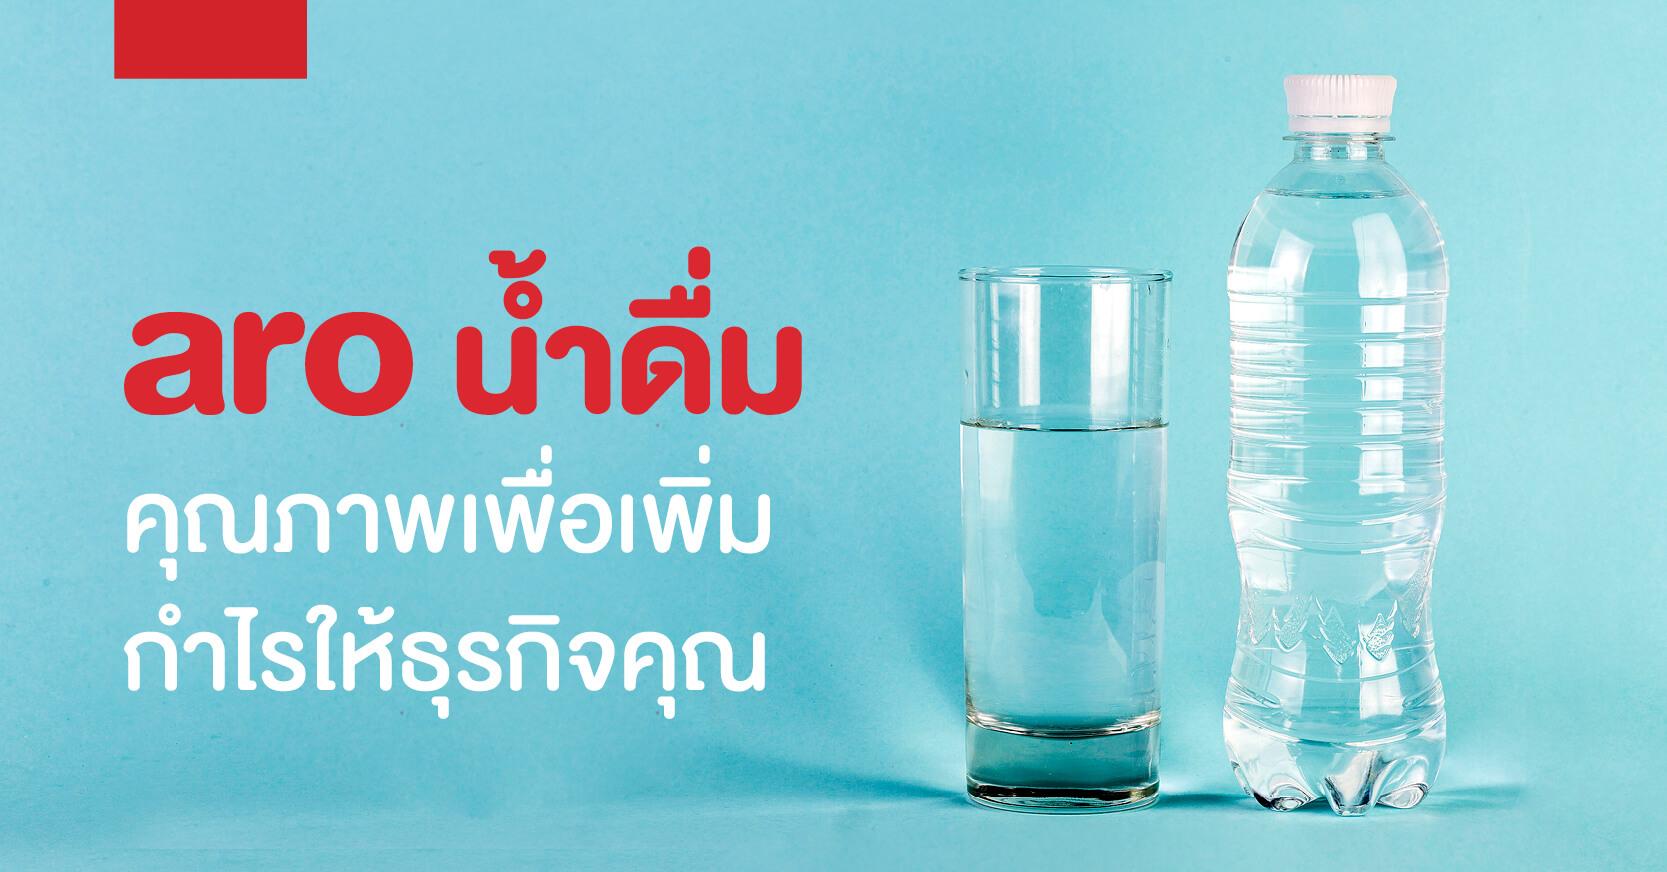 aro น้ำดื่ม